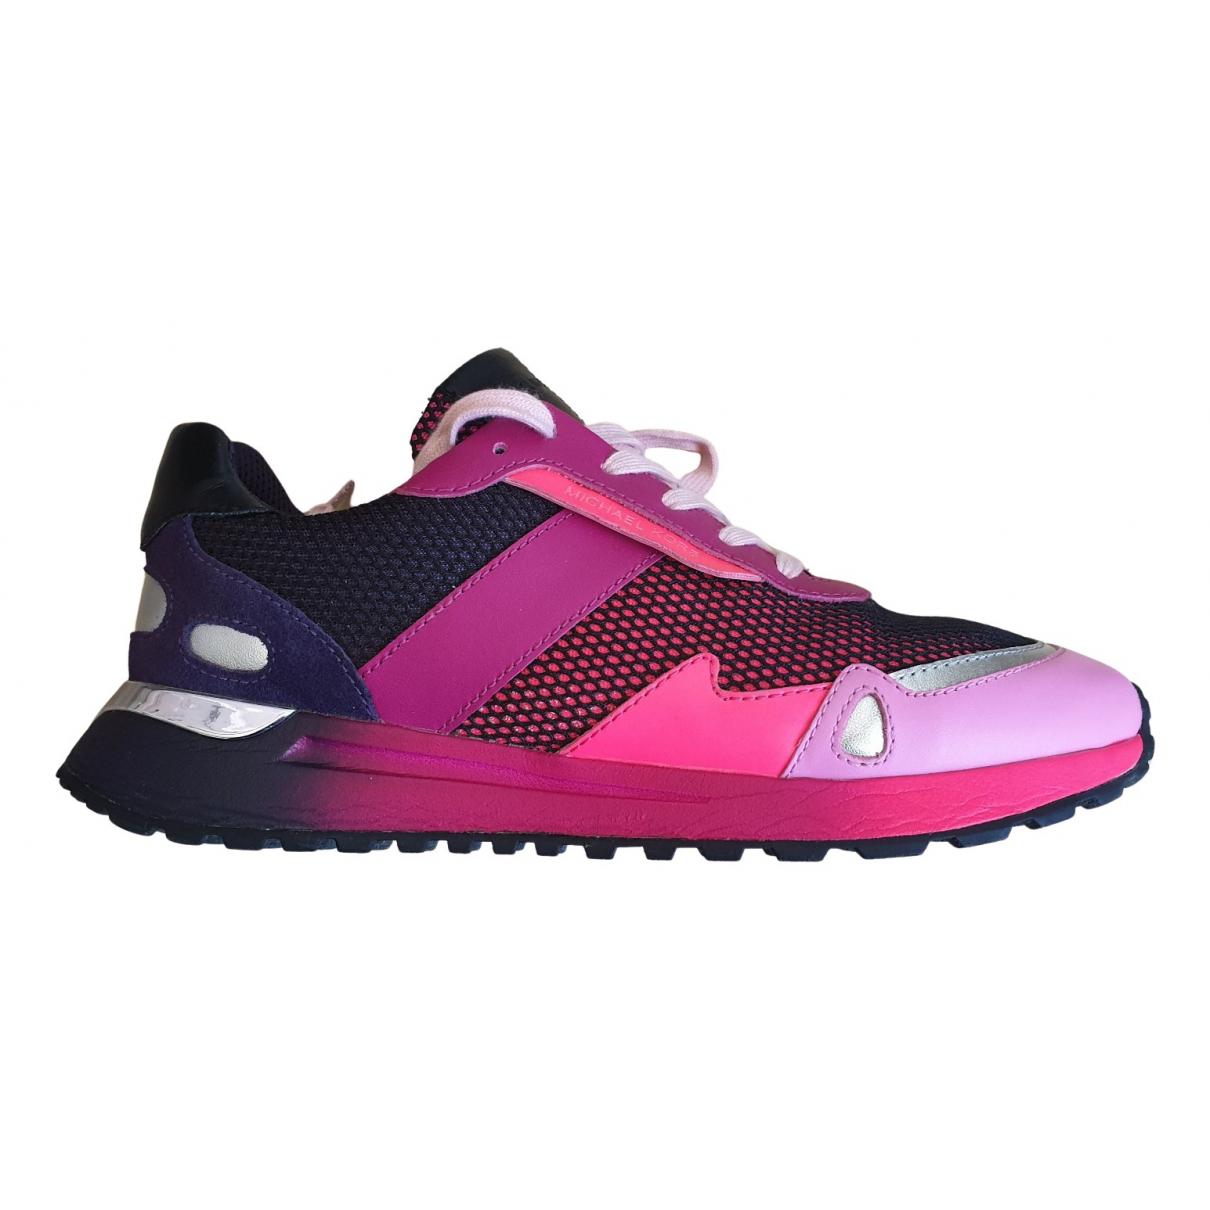 Michael Kors \N Sneakers in  Lila Leder